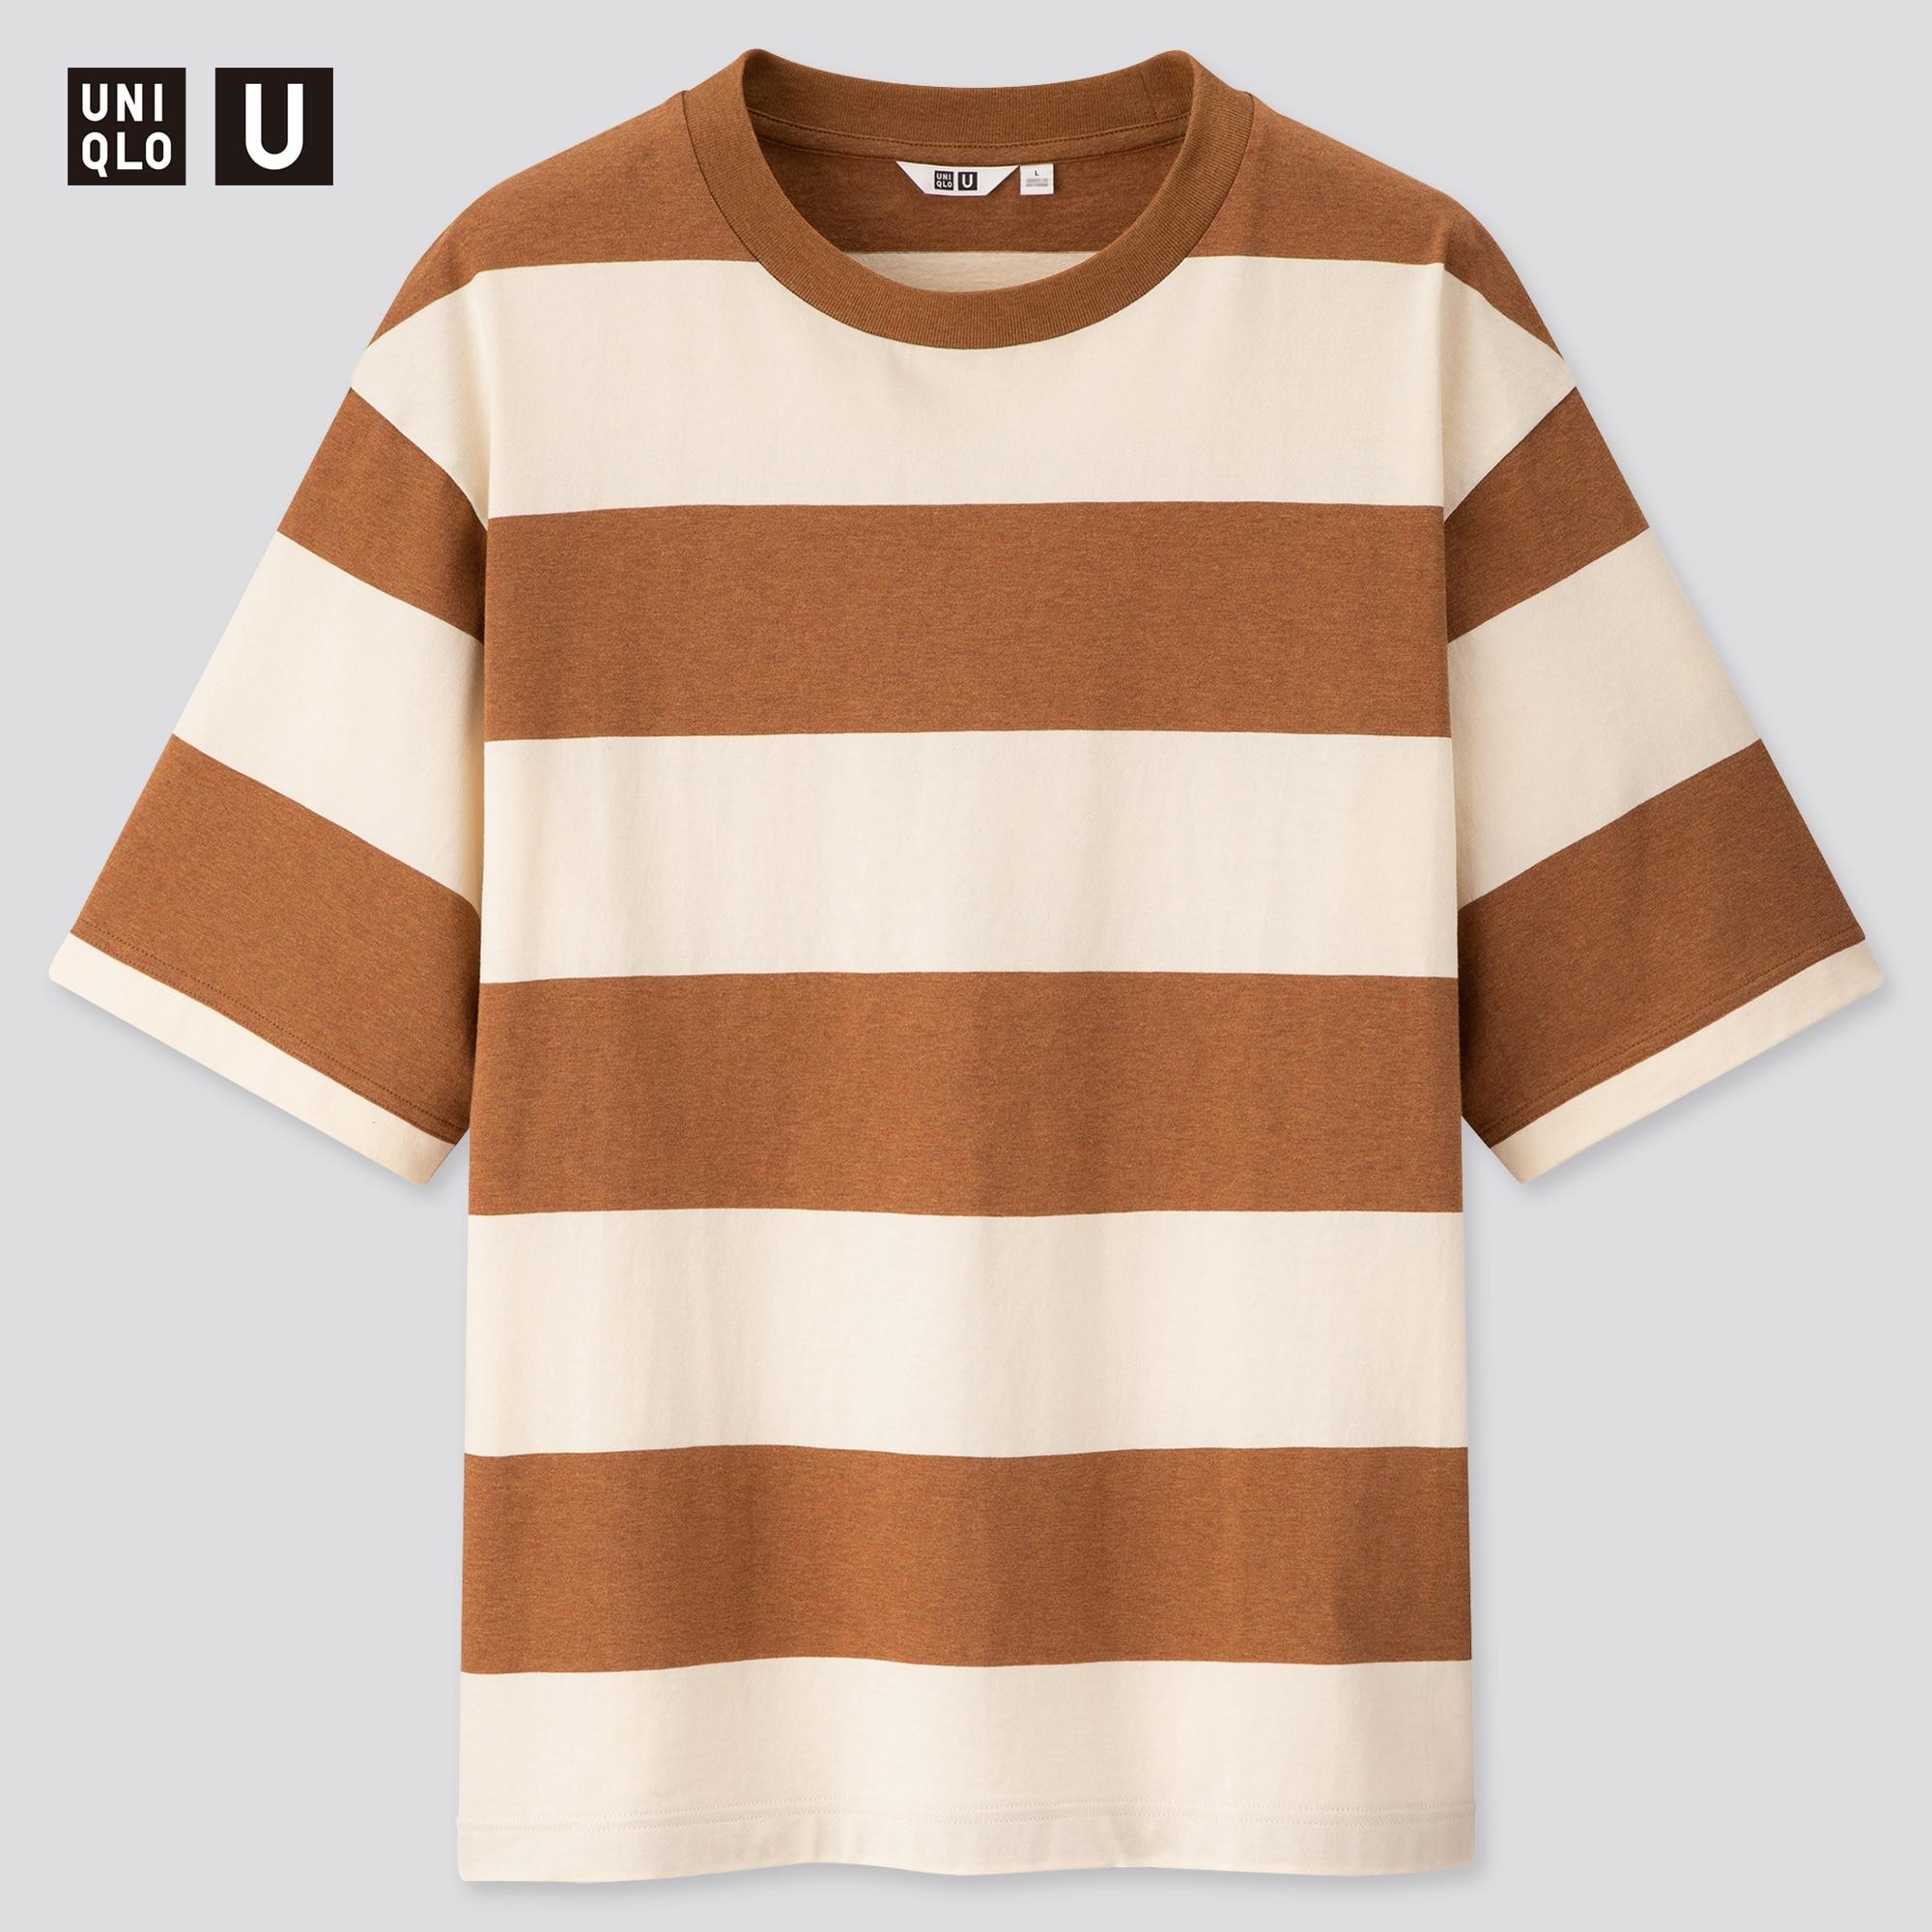 Uniqlo men u oversized striped crew neck short-sleeve t-shirt